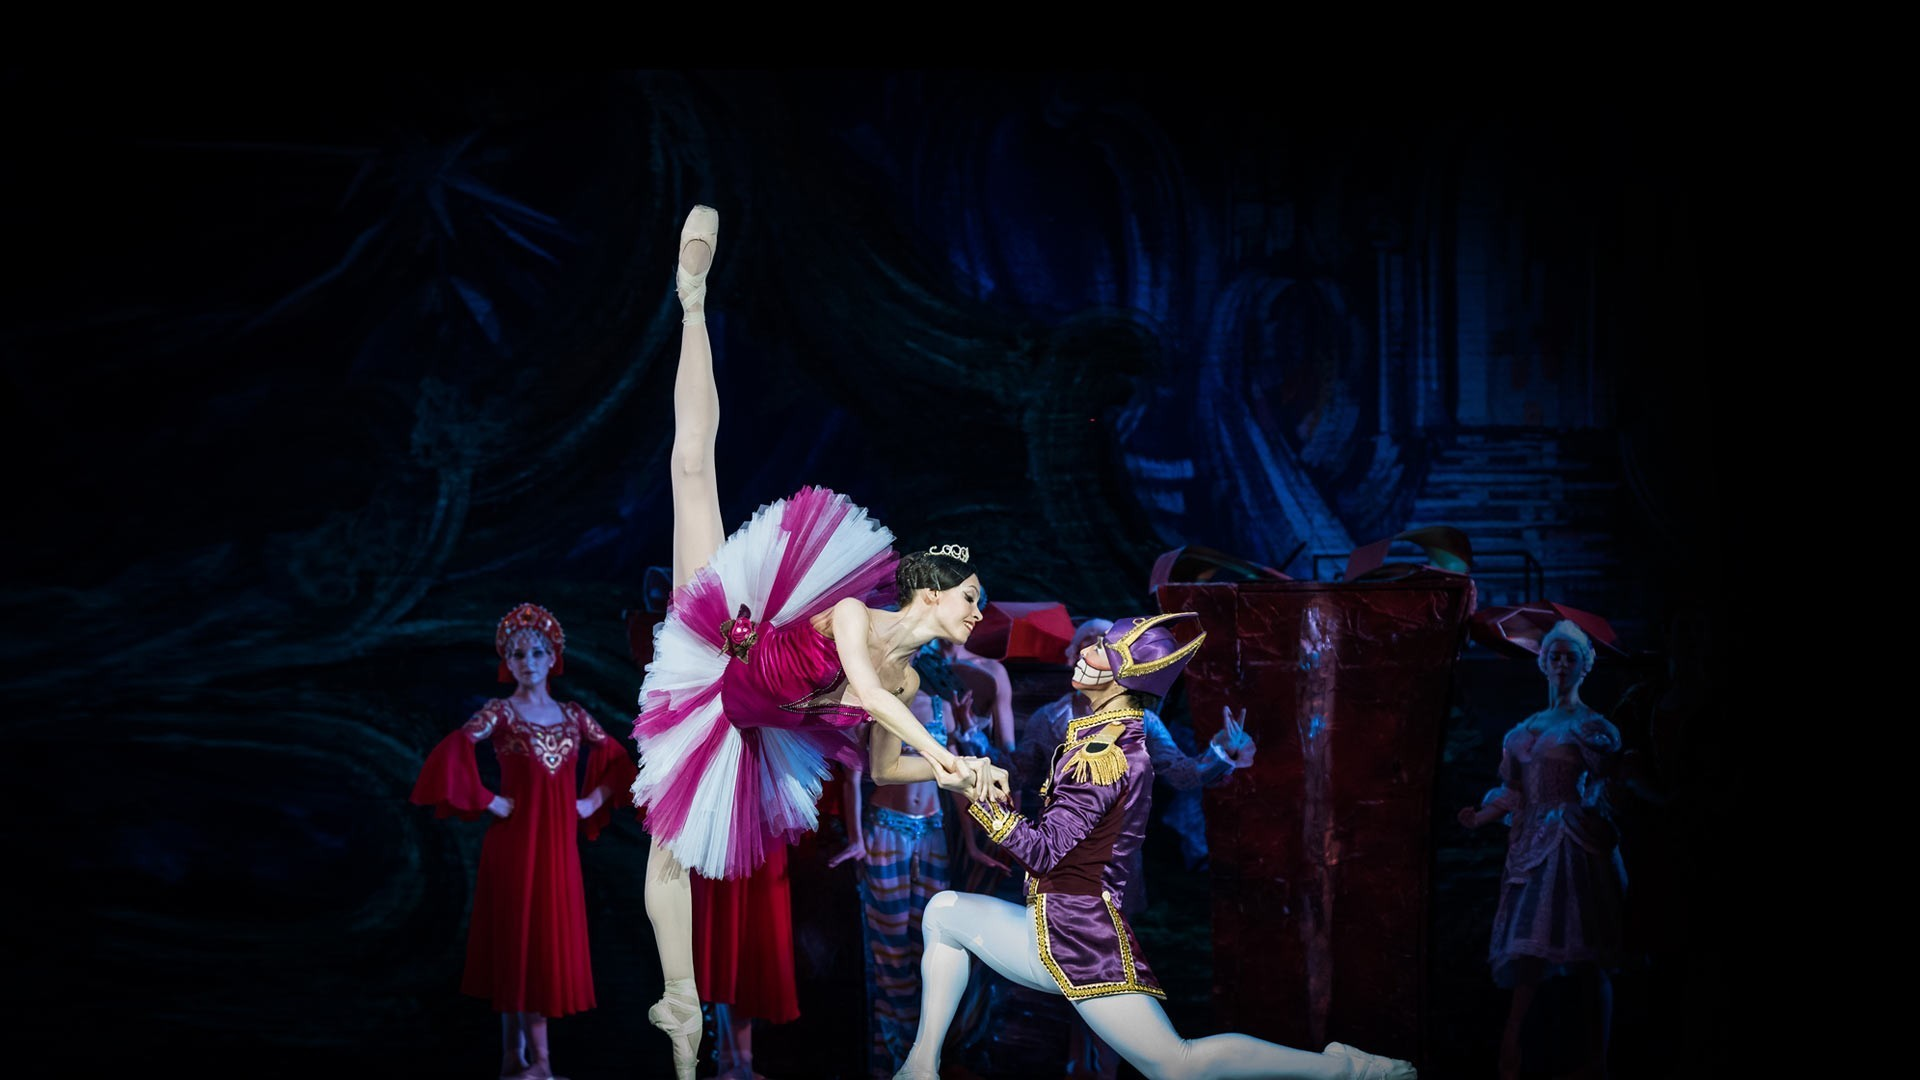 """VIII Международный фестиваль балета в Кремле. Щелкунчик. П. Чайковский. Спектакль театра """"Кремлёвский балет"""""""